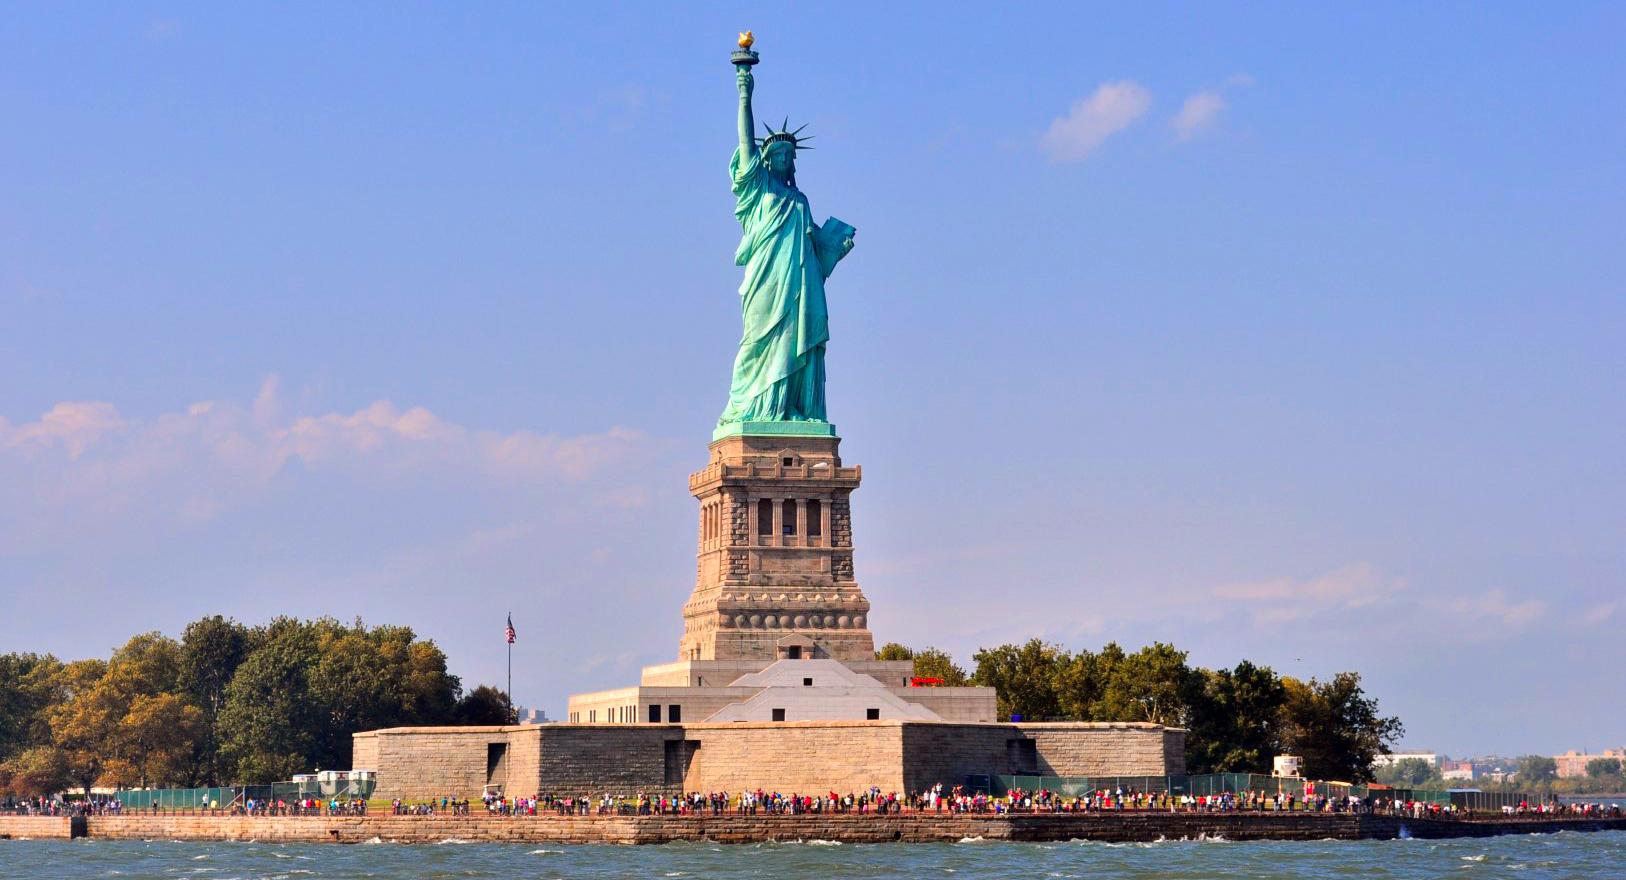 Qué hacer y ver en Nueva York qué hacer y ver en nueva york - 31028400981 f78aecc0d4 o - Qué hacer y ver en Nueva York